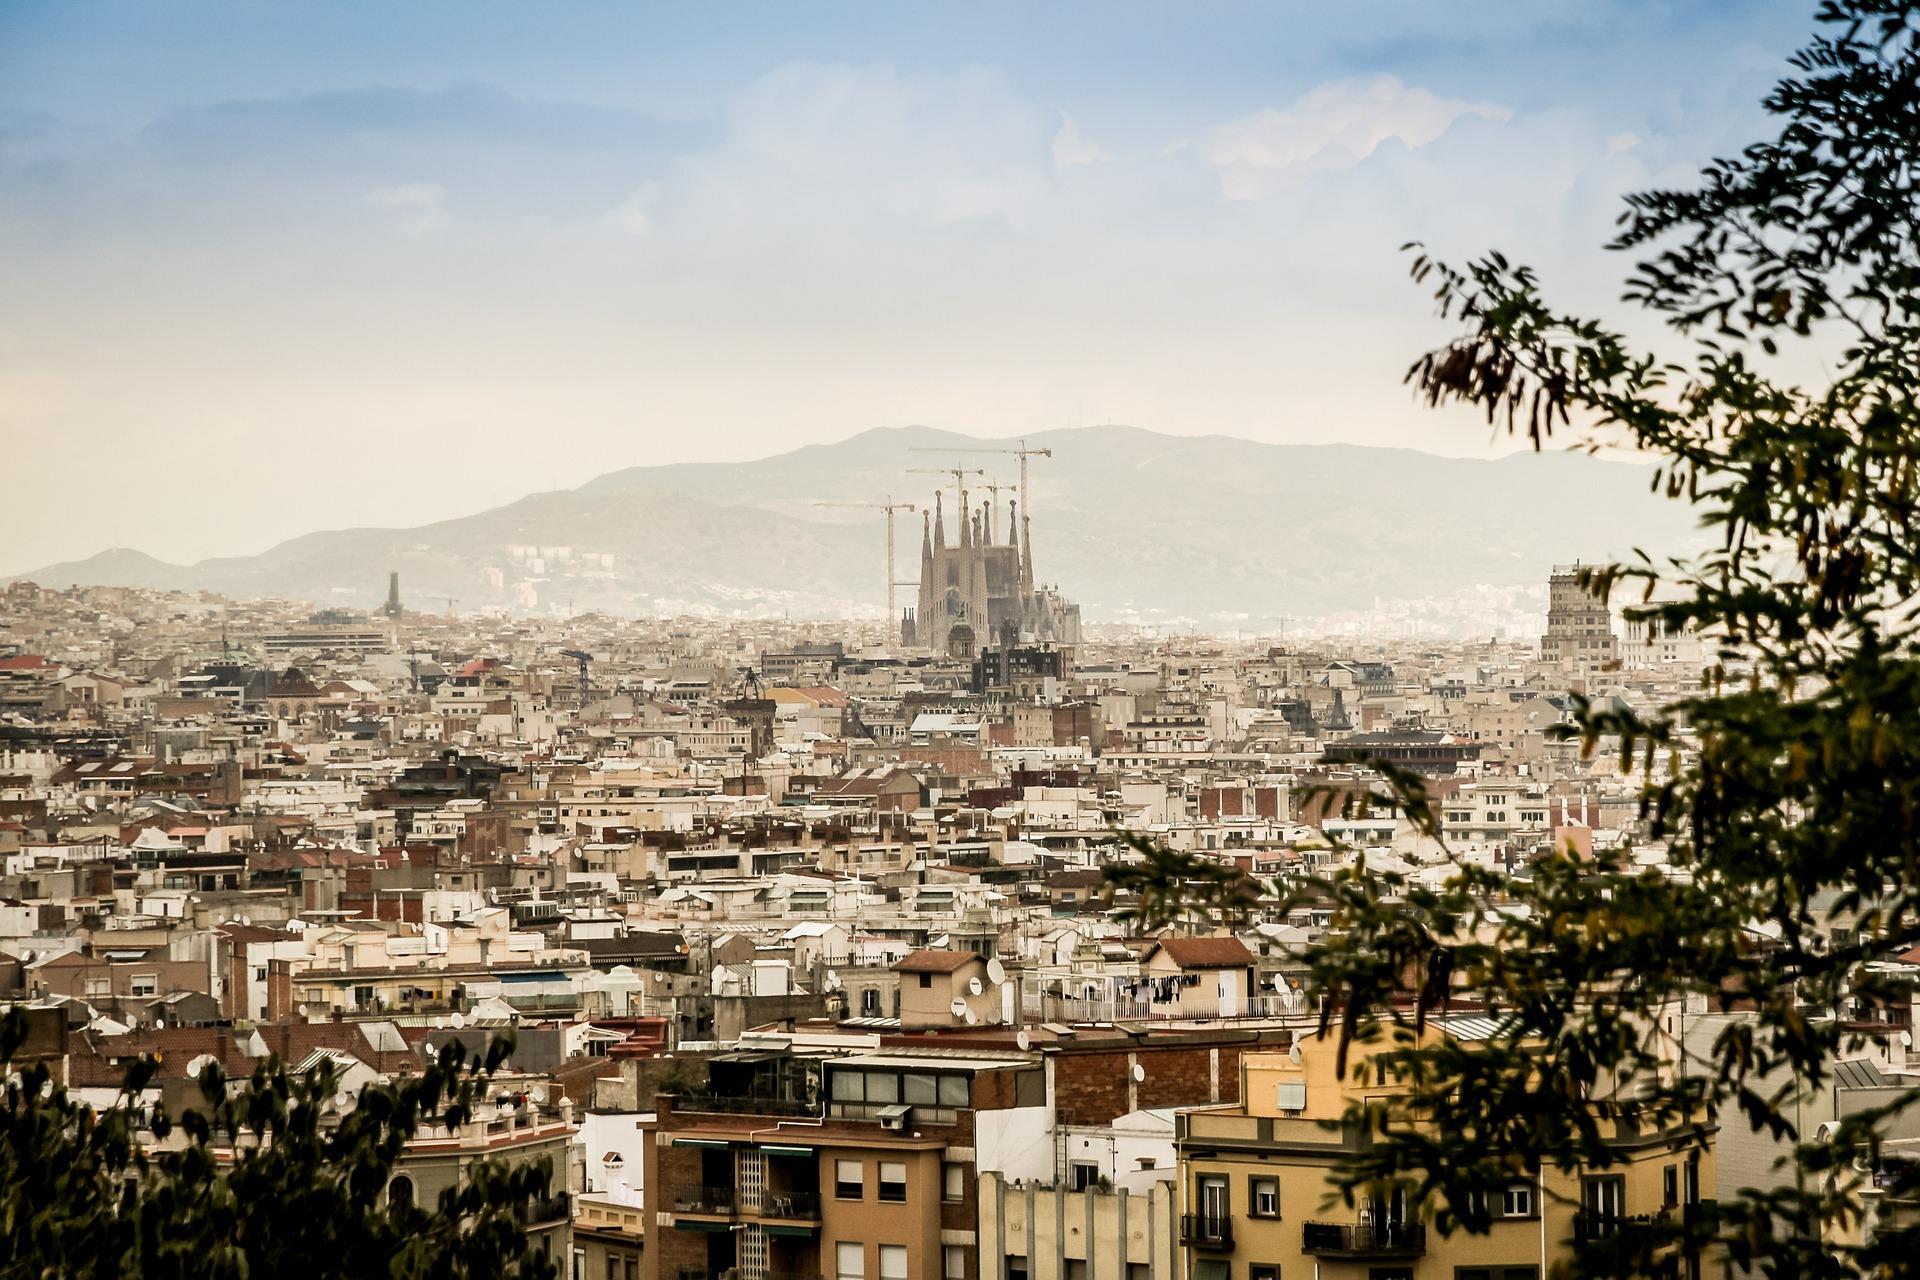 Por qué estudiar catalan?